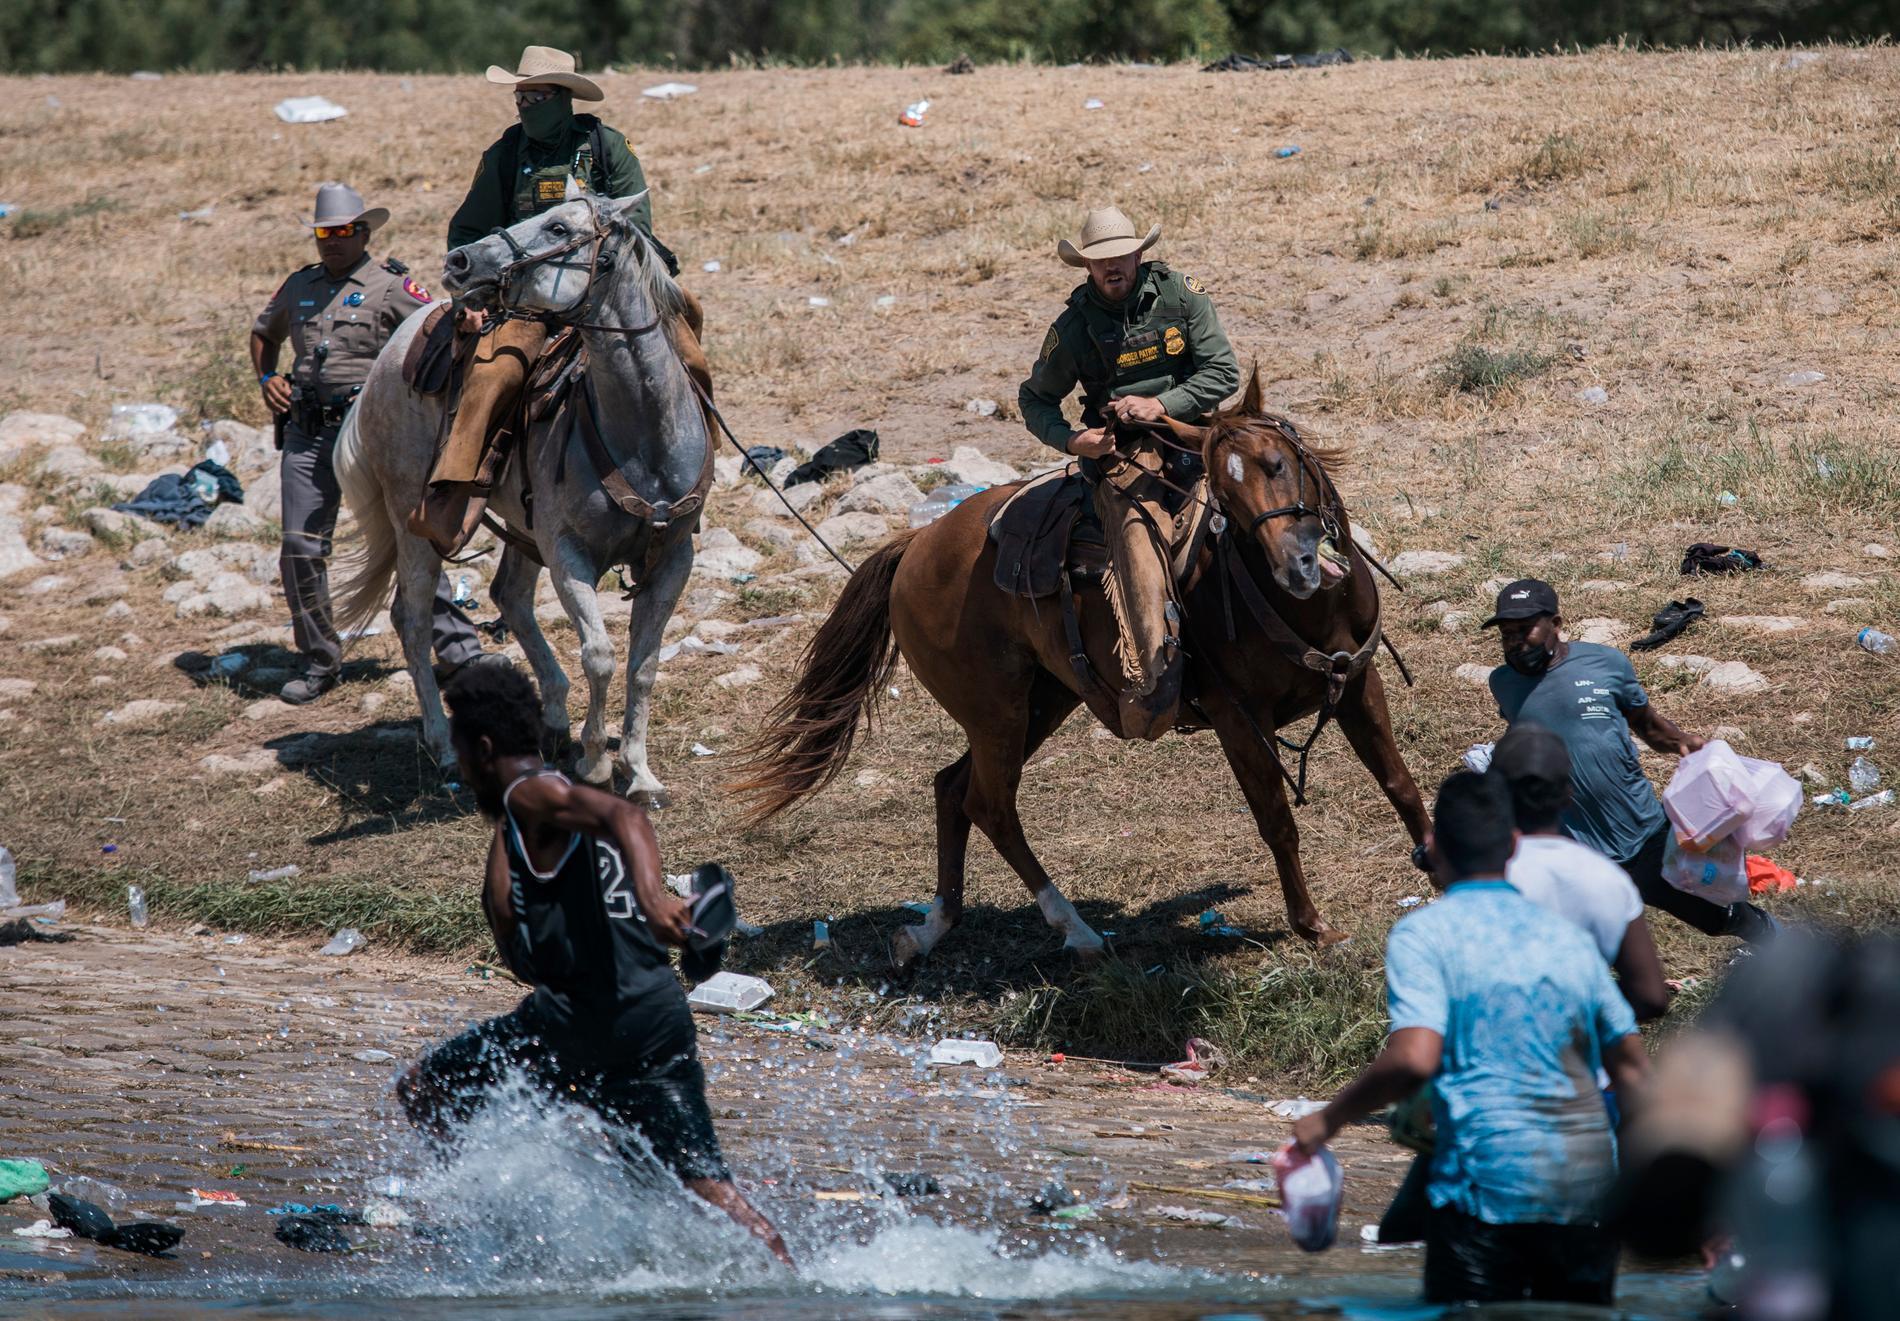 Ridande gränspolis föste bort migranter vid Rio Grande-flodens strand i Texas. Nu får de svidande kritik av president Joe Biden.